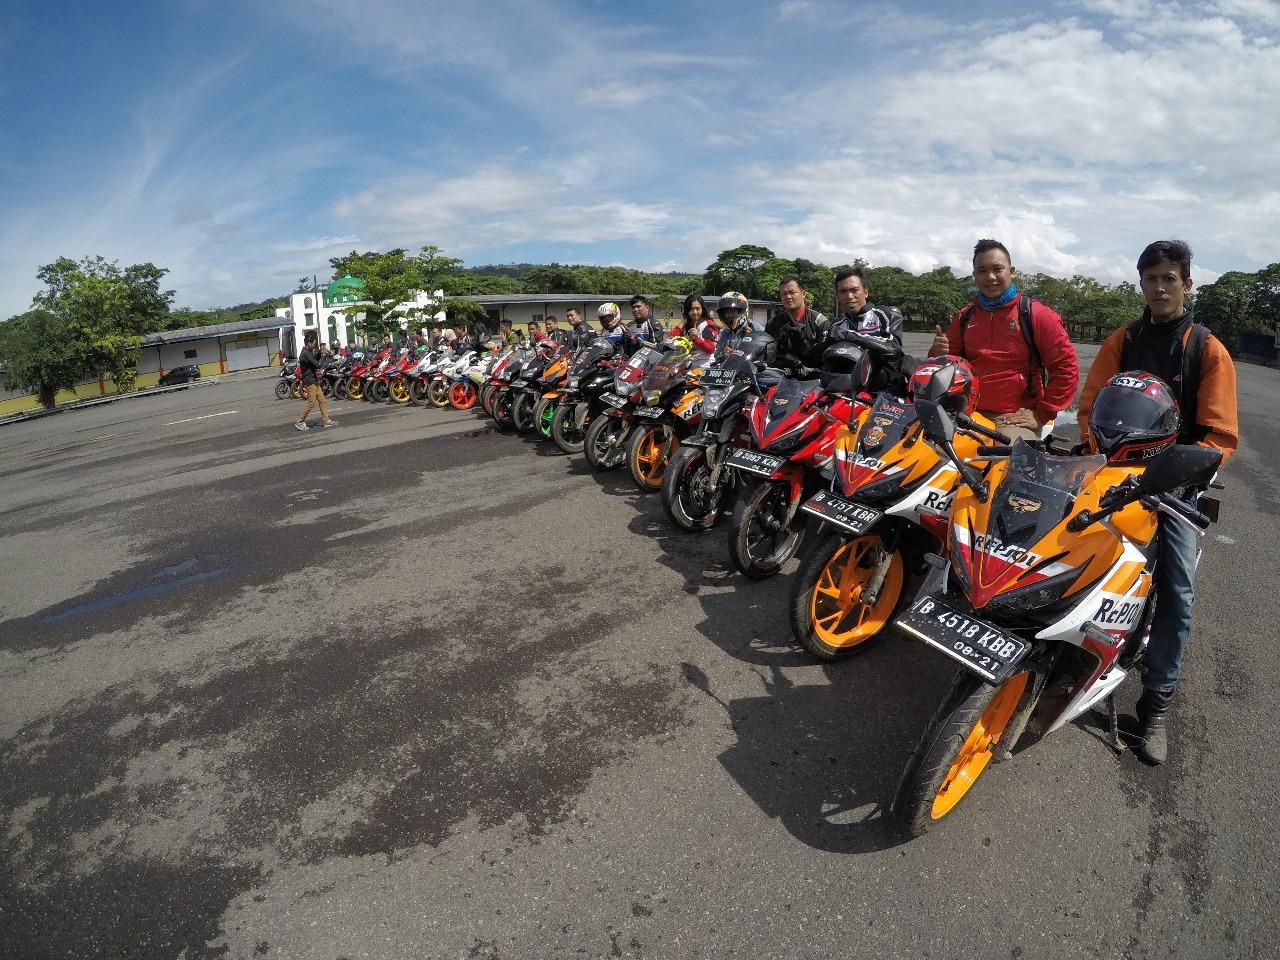 Intip Profil Sejarah Komunitas Honda CBR Riders Bekasi, Menarik Nih Bro!